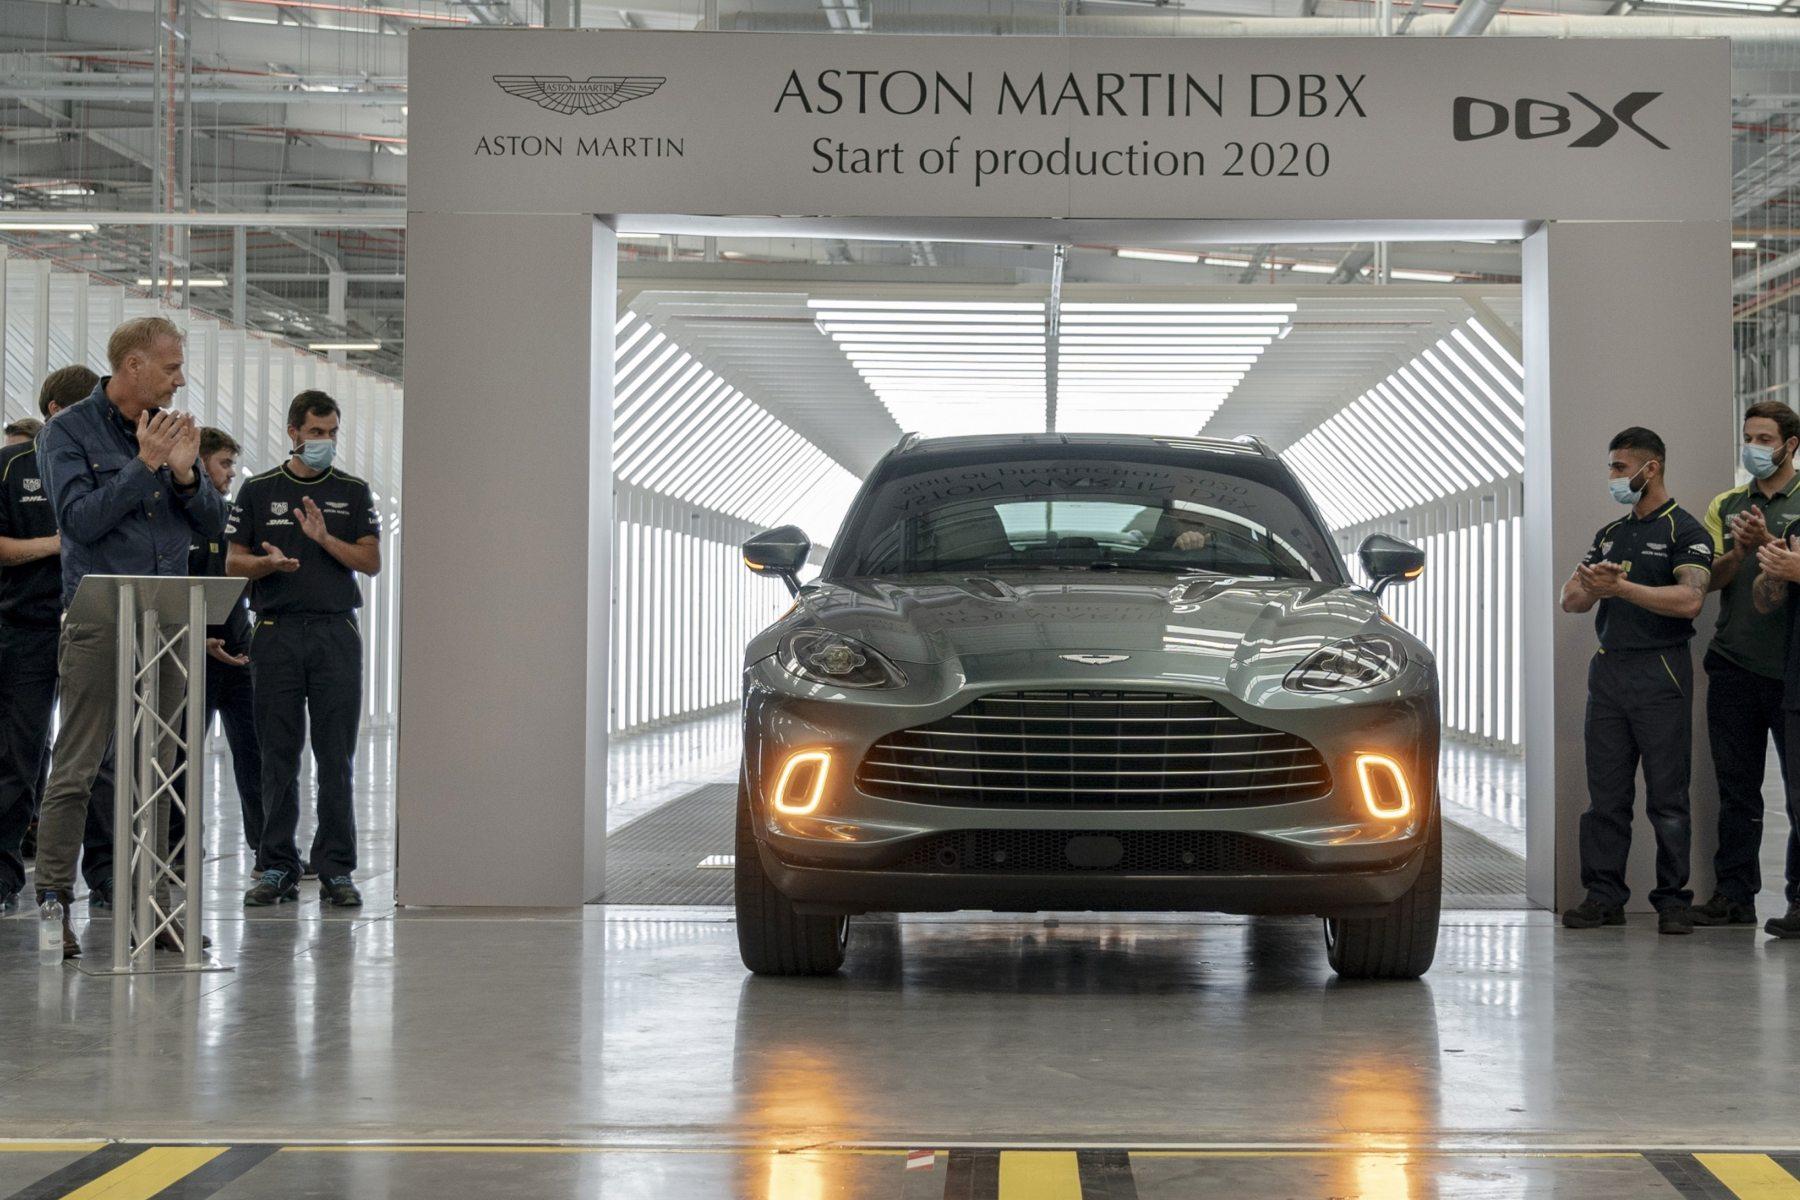 First Aston Martin DBX